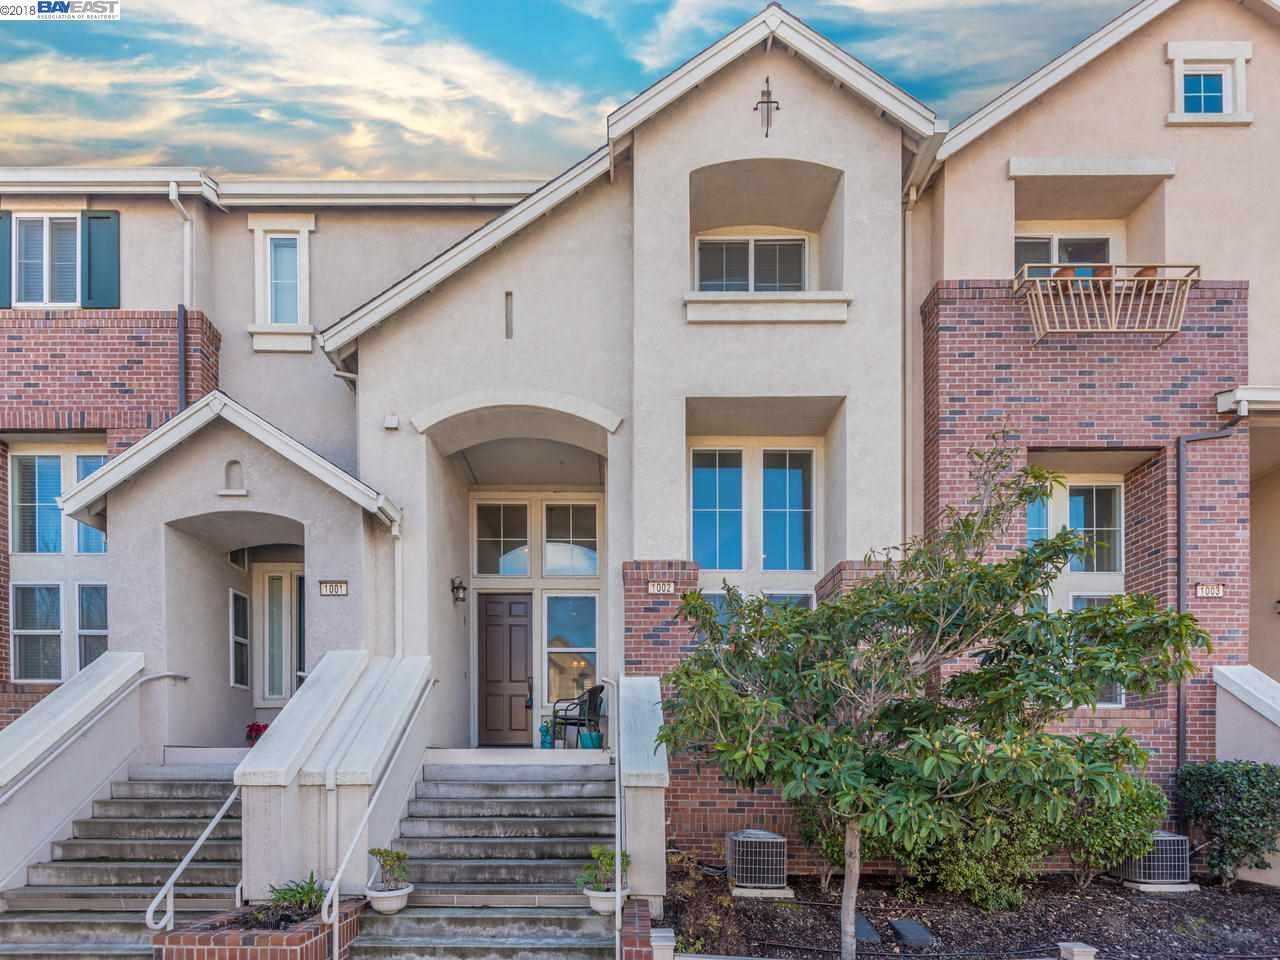 共管物業 為 出售 在 2933 1St Street 2933 1St Street Livermore, 加利福尼亞州 94550 美國